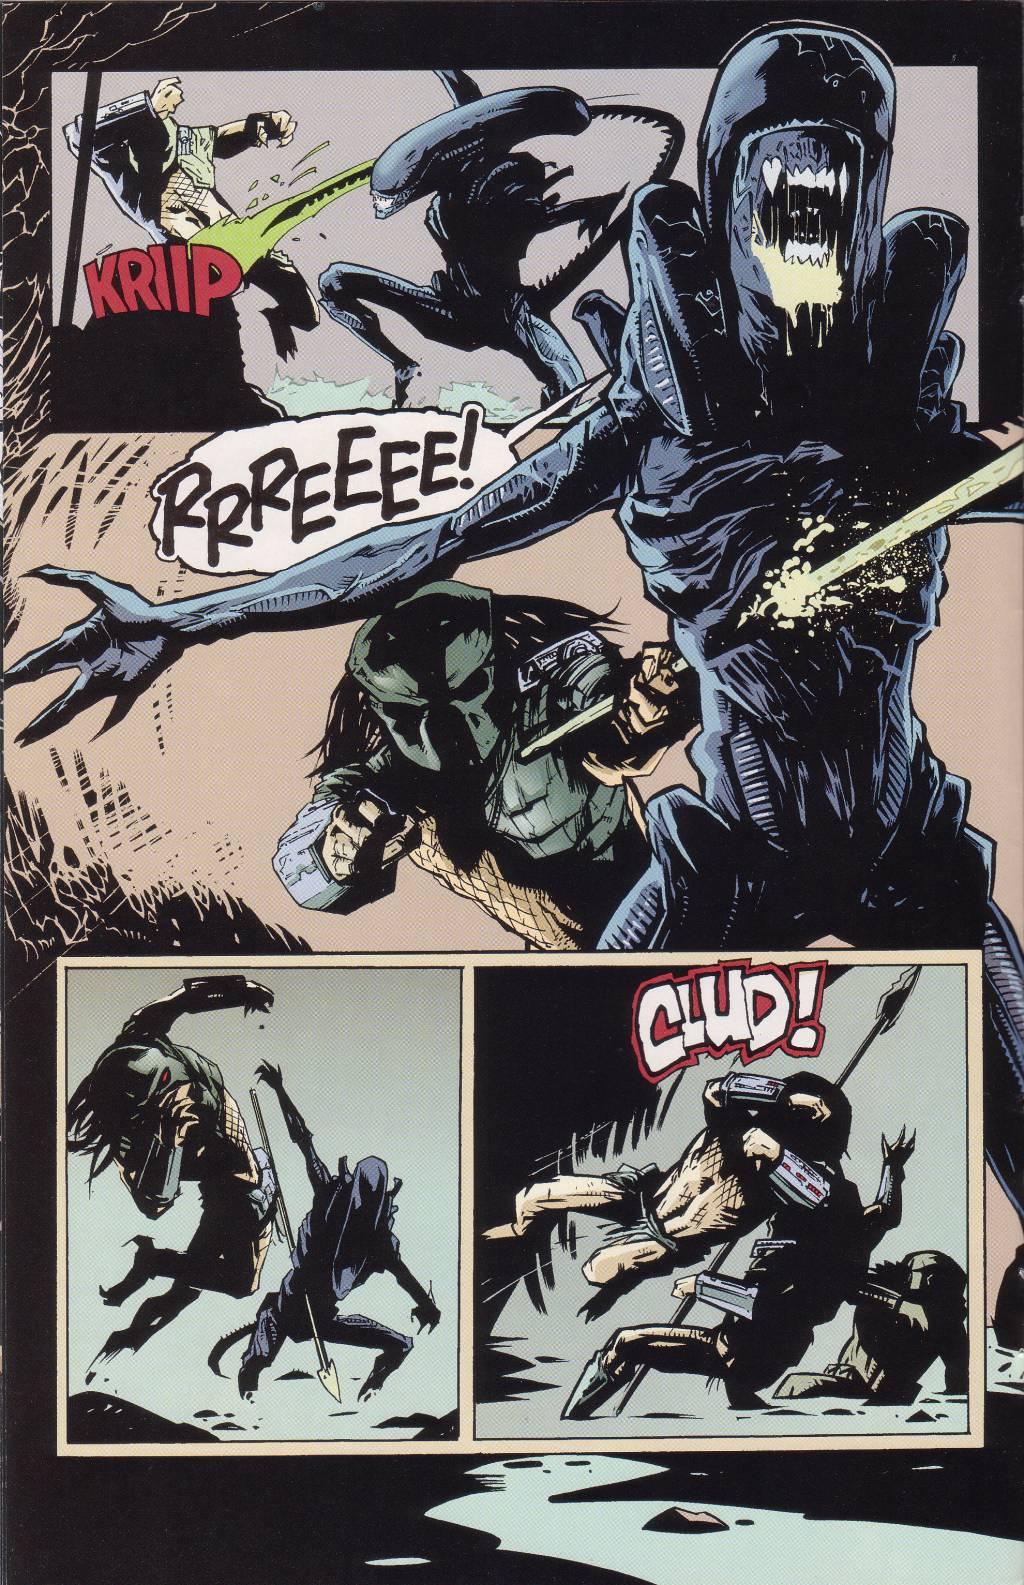 Бэтмен против Чужого?! Безумные комикс-кроссоверы сксеноморфами. - Изображение 9